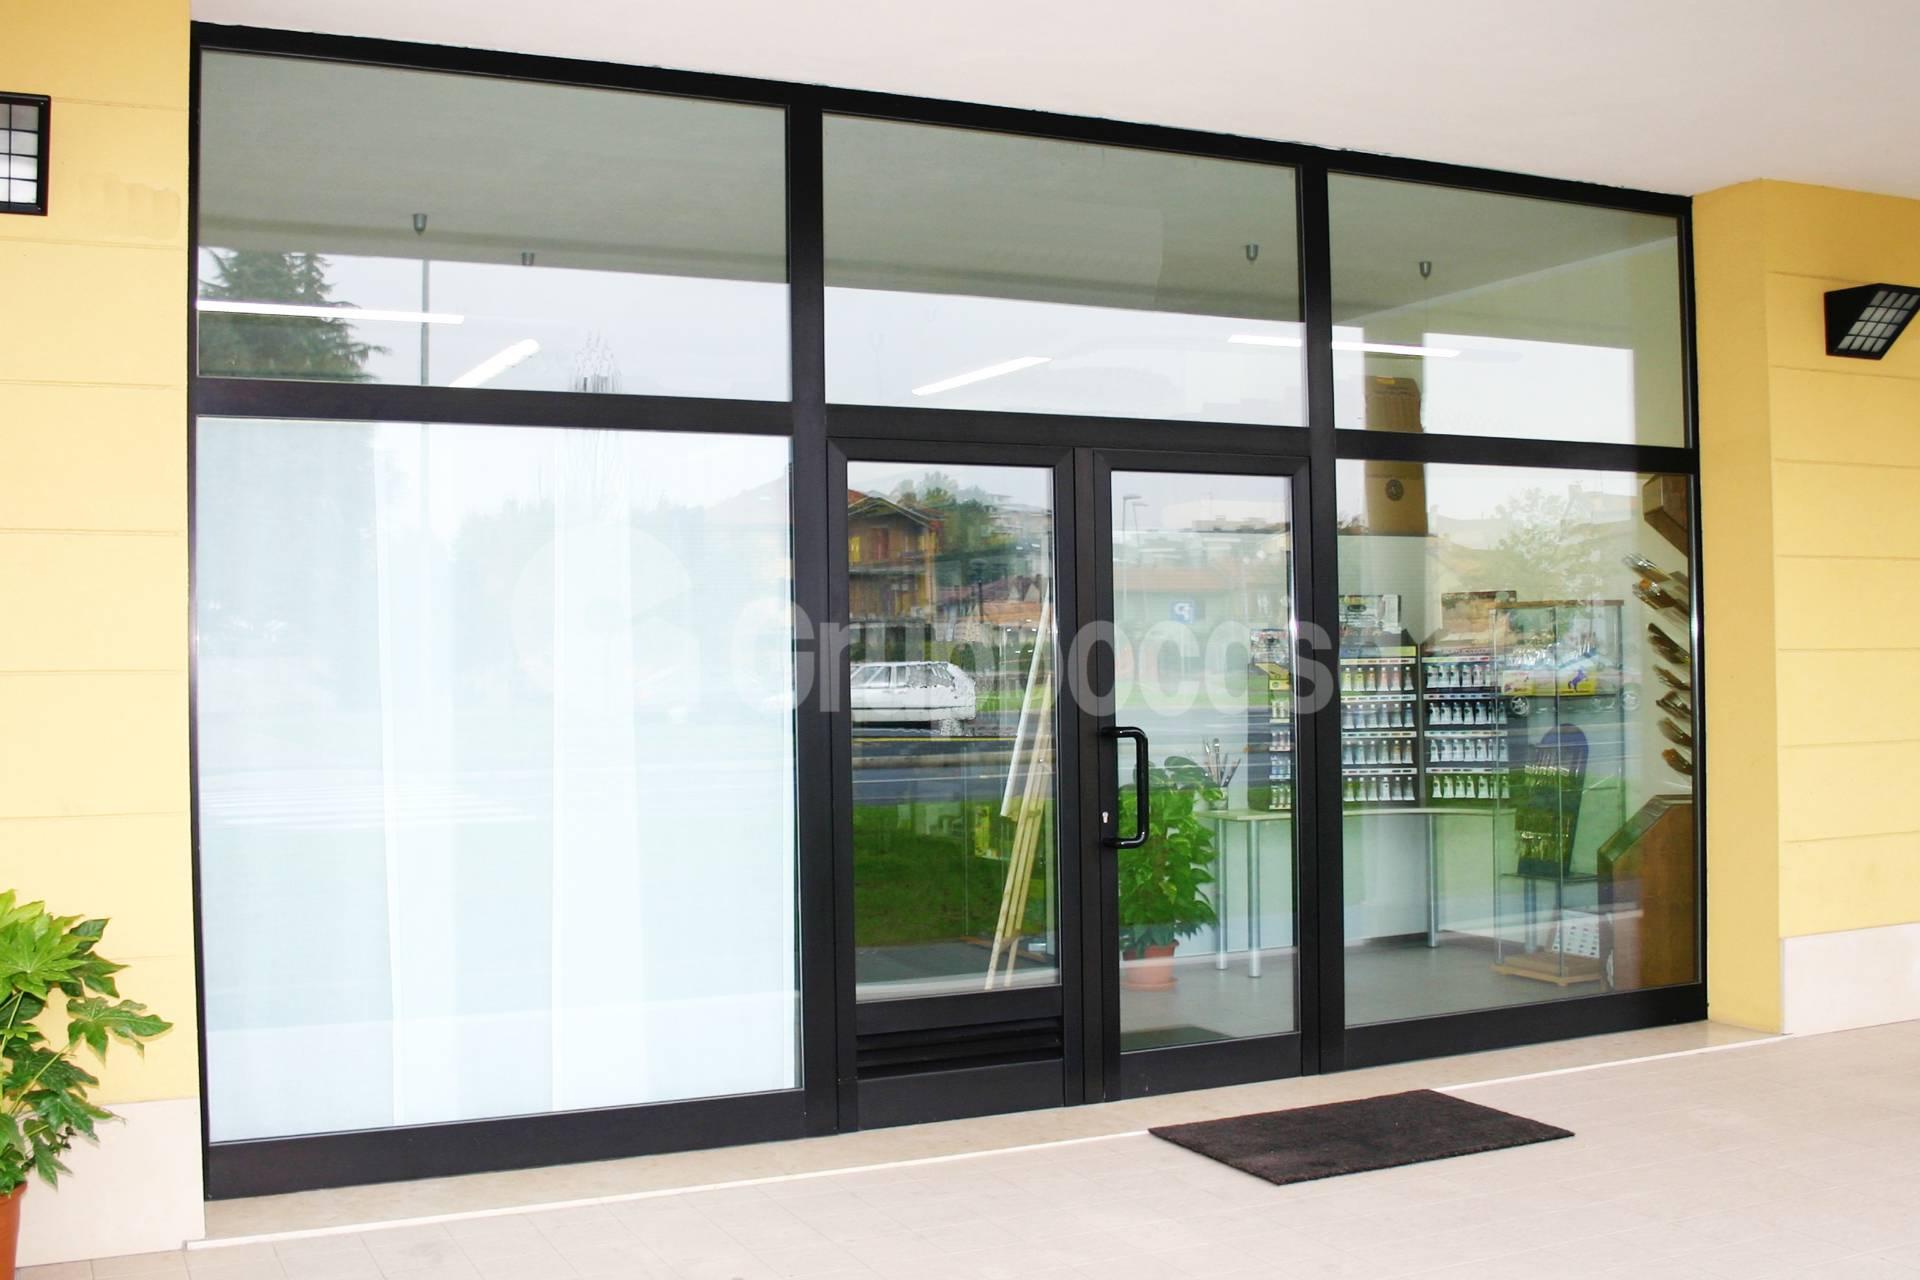 Negozio / Locale in vendita a Abbiategrasso, 9999 locali, zona adina, prezzo € 110.000   PortaleAgenzieImmobiliari.it